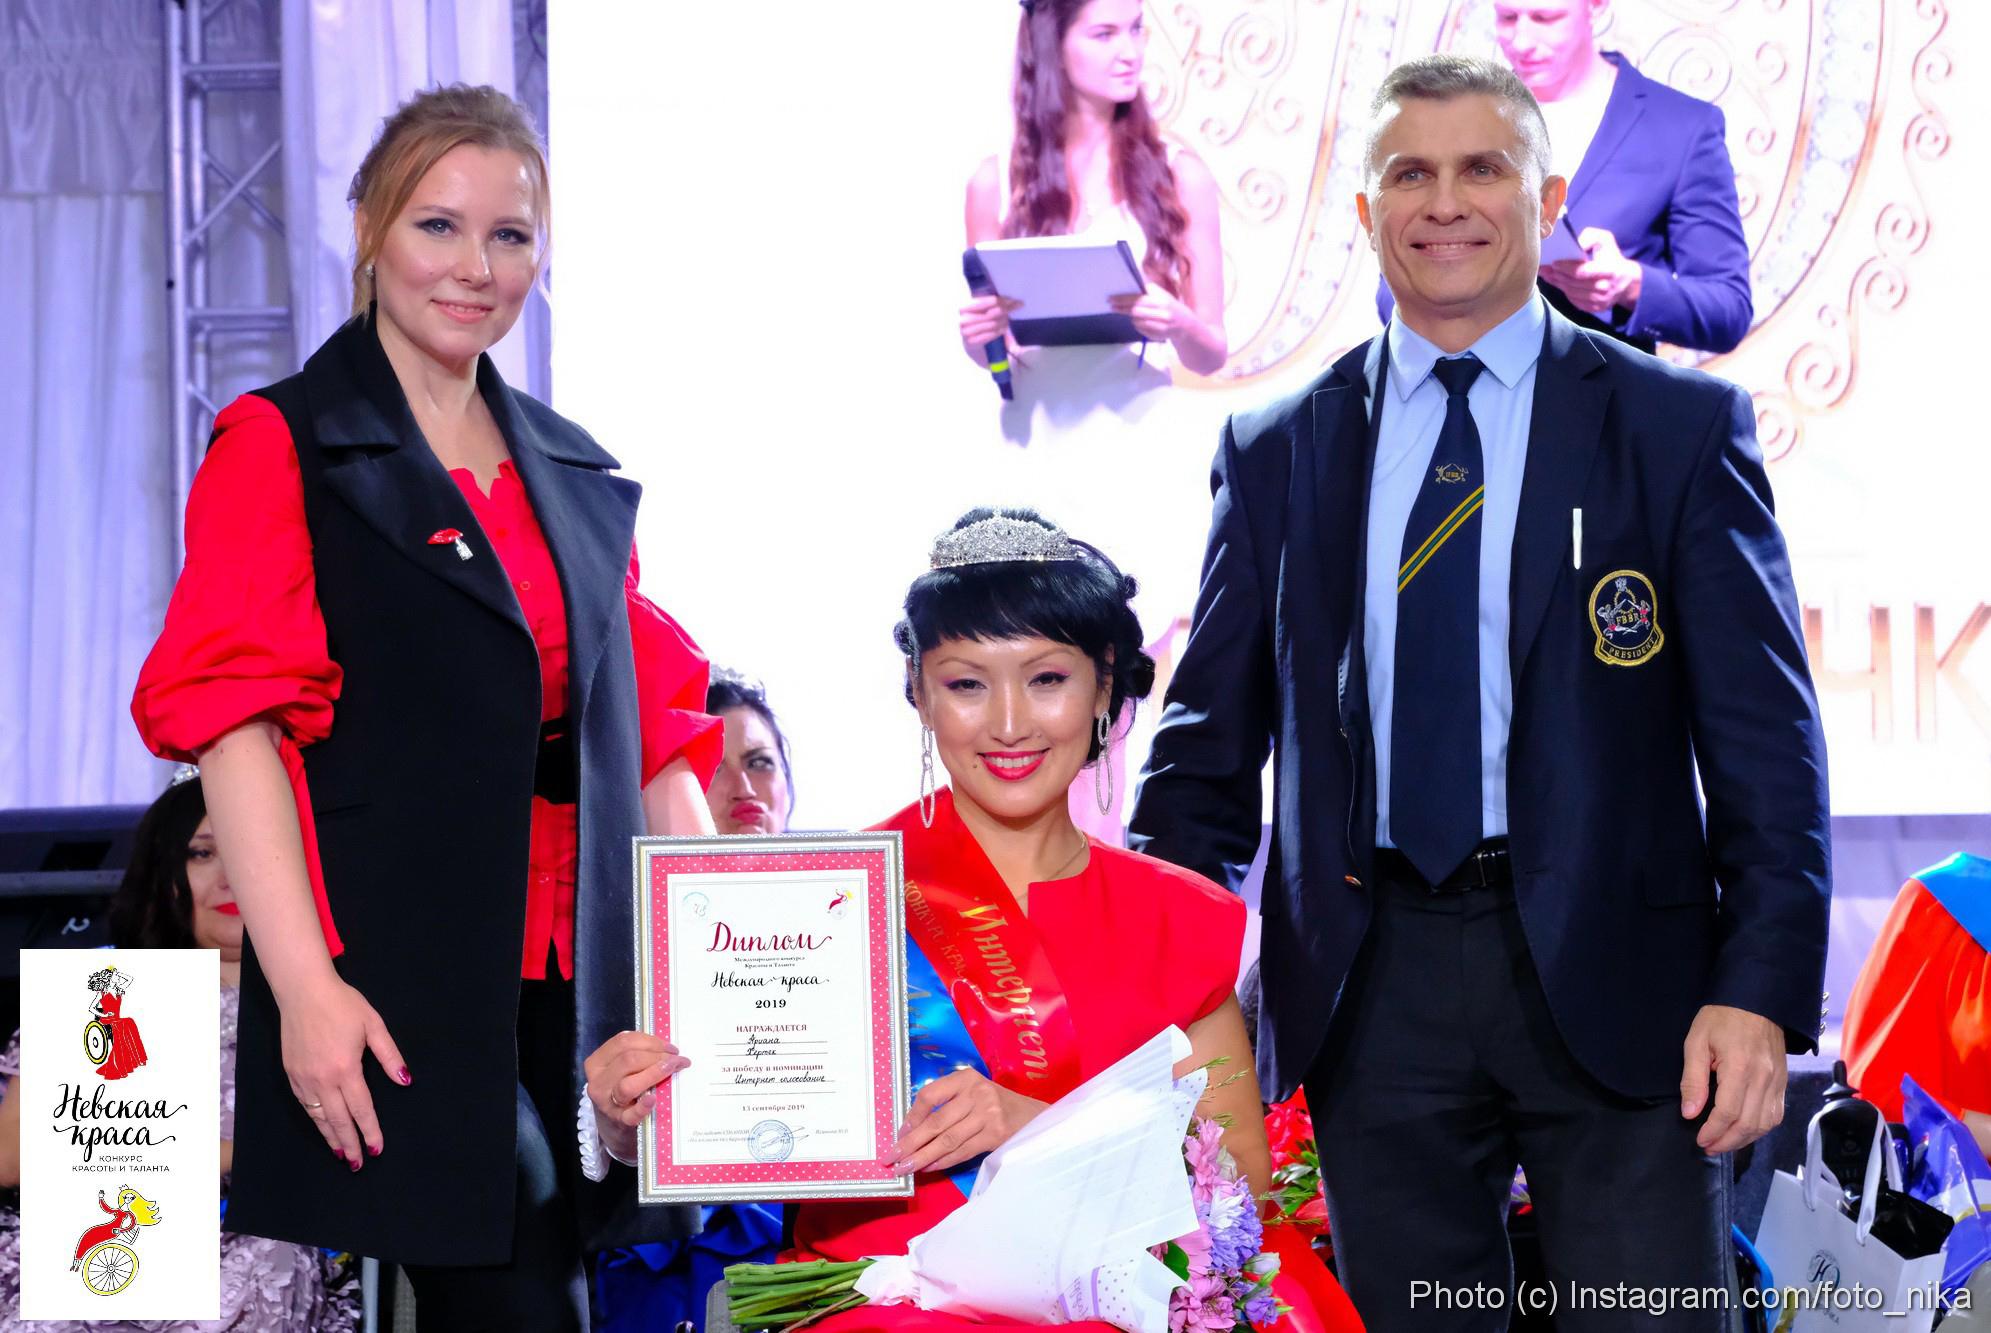 Представитель ТУСУРа победила в трех номинациях конкурса «Невская краса»